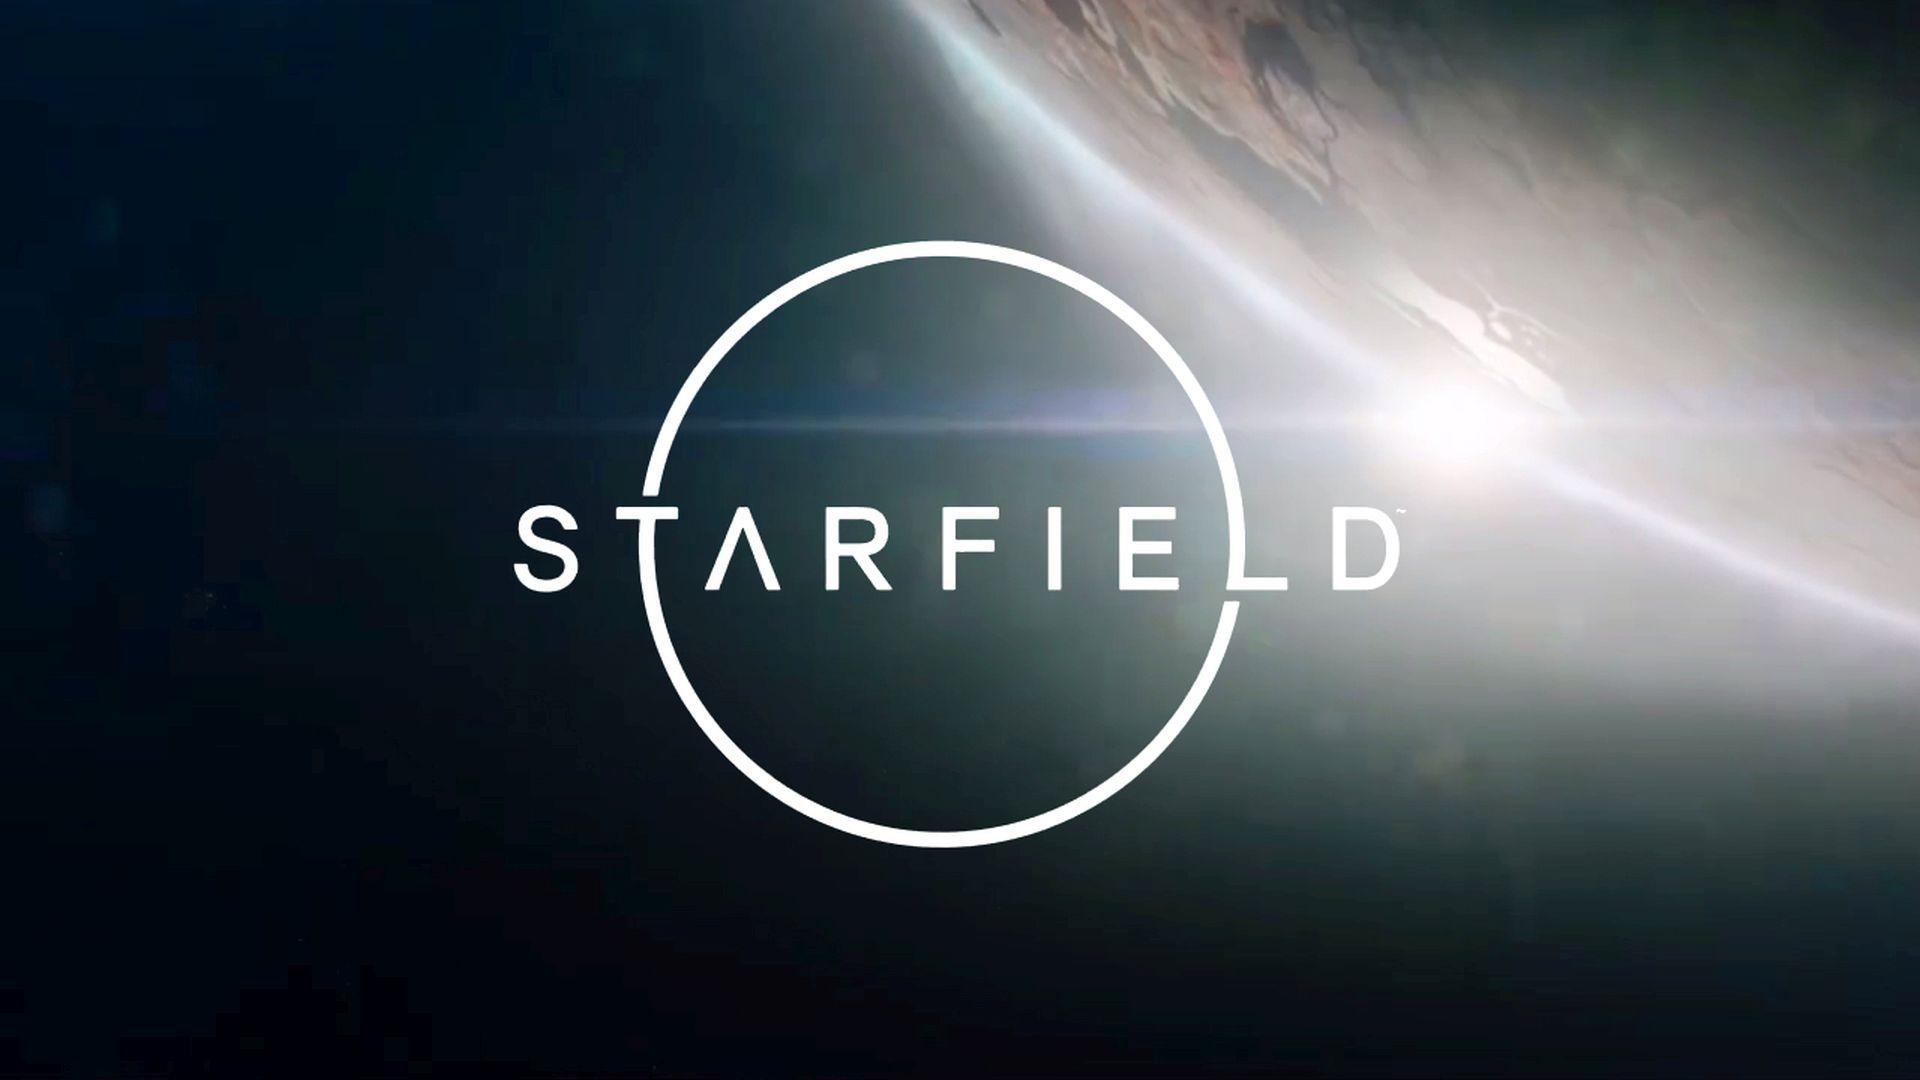 Ещё один инсайдер подтвердил, что Starfield будет консольным эксклюзивом Xbox